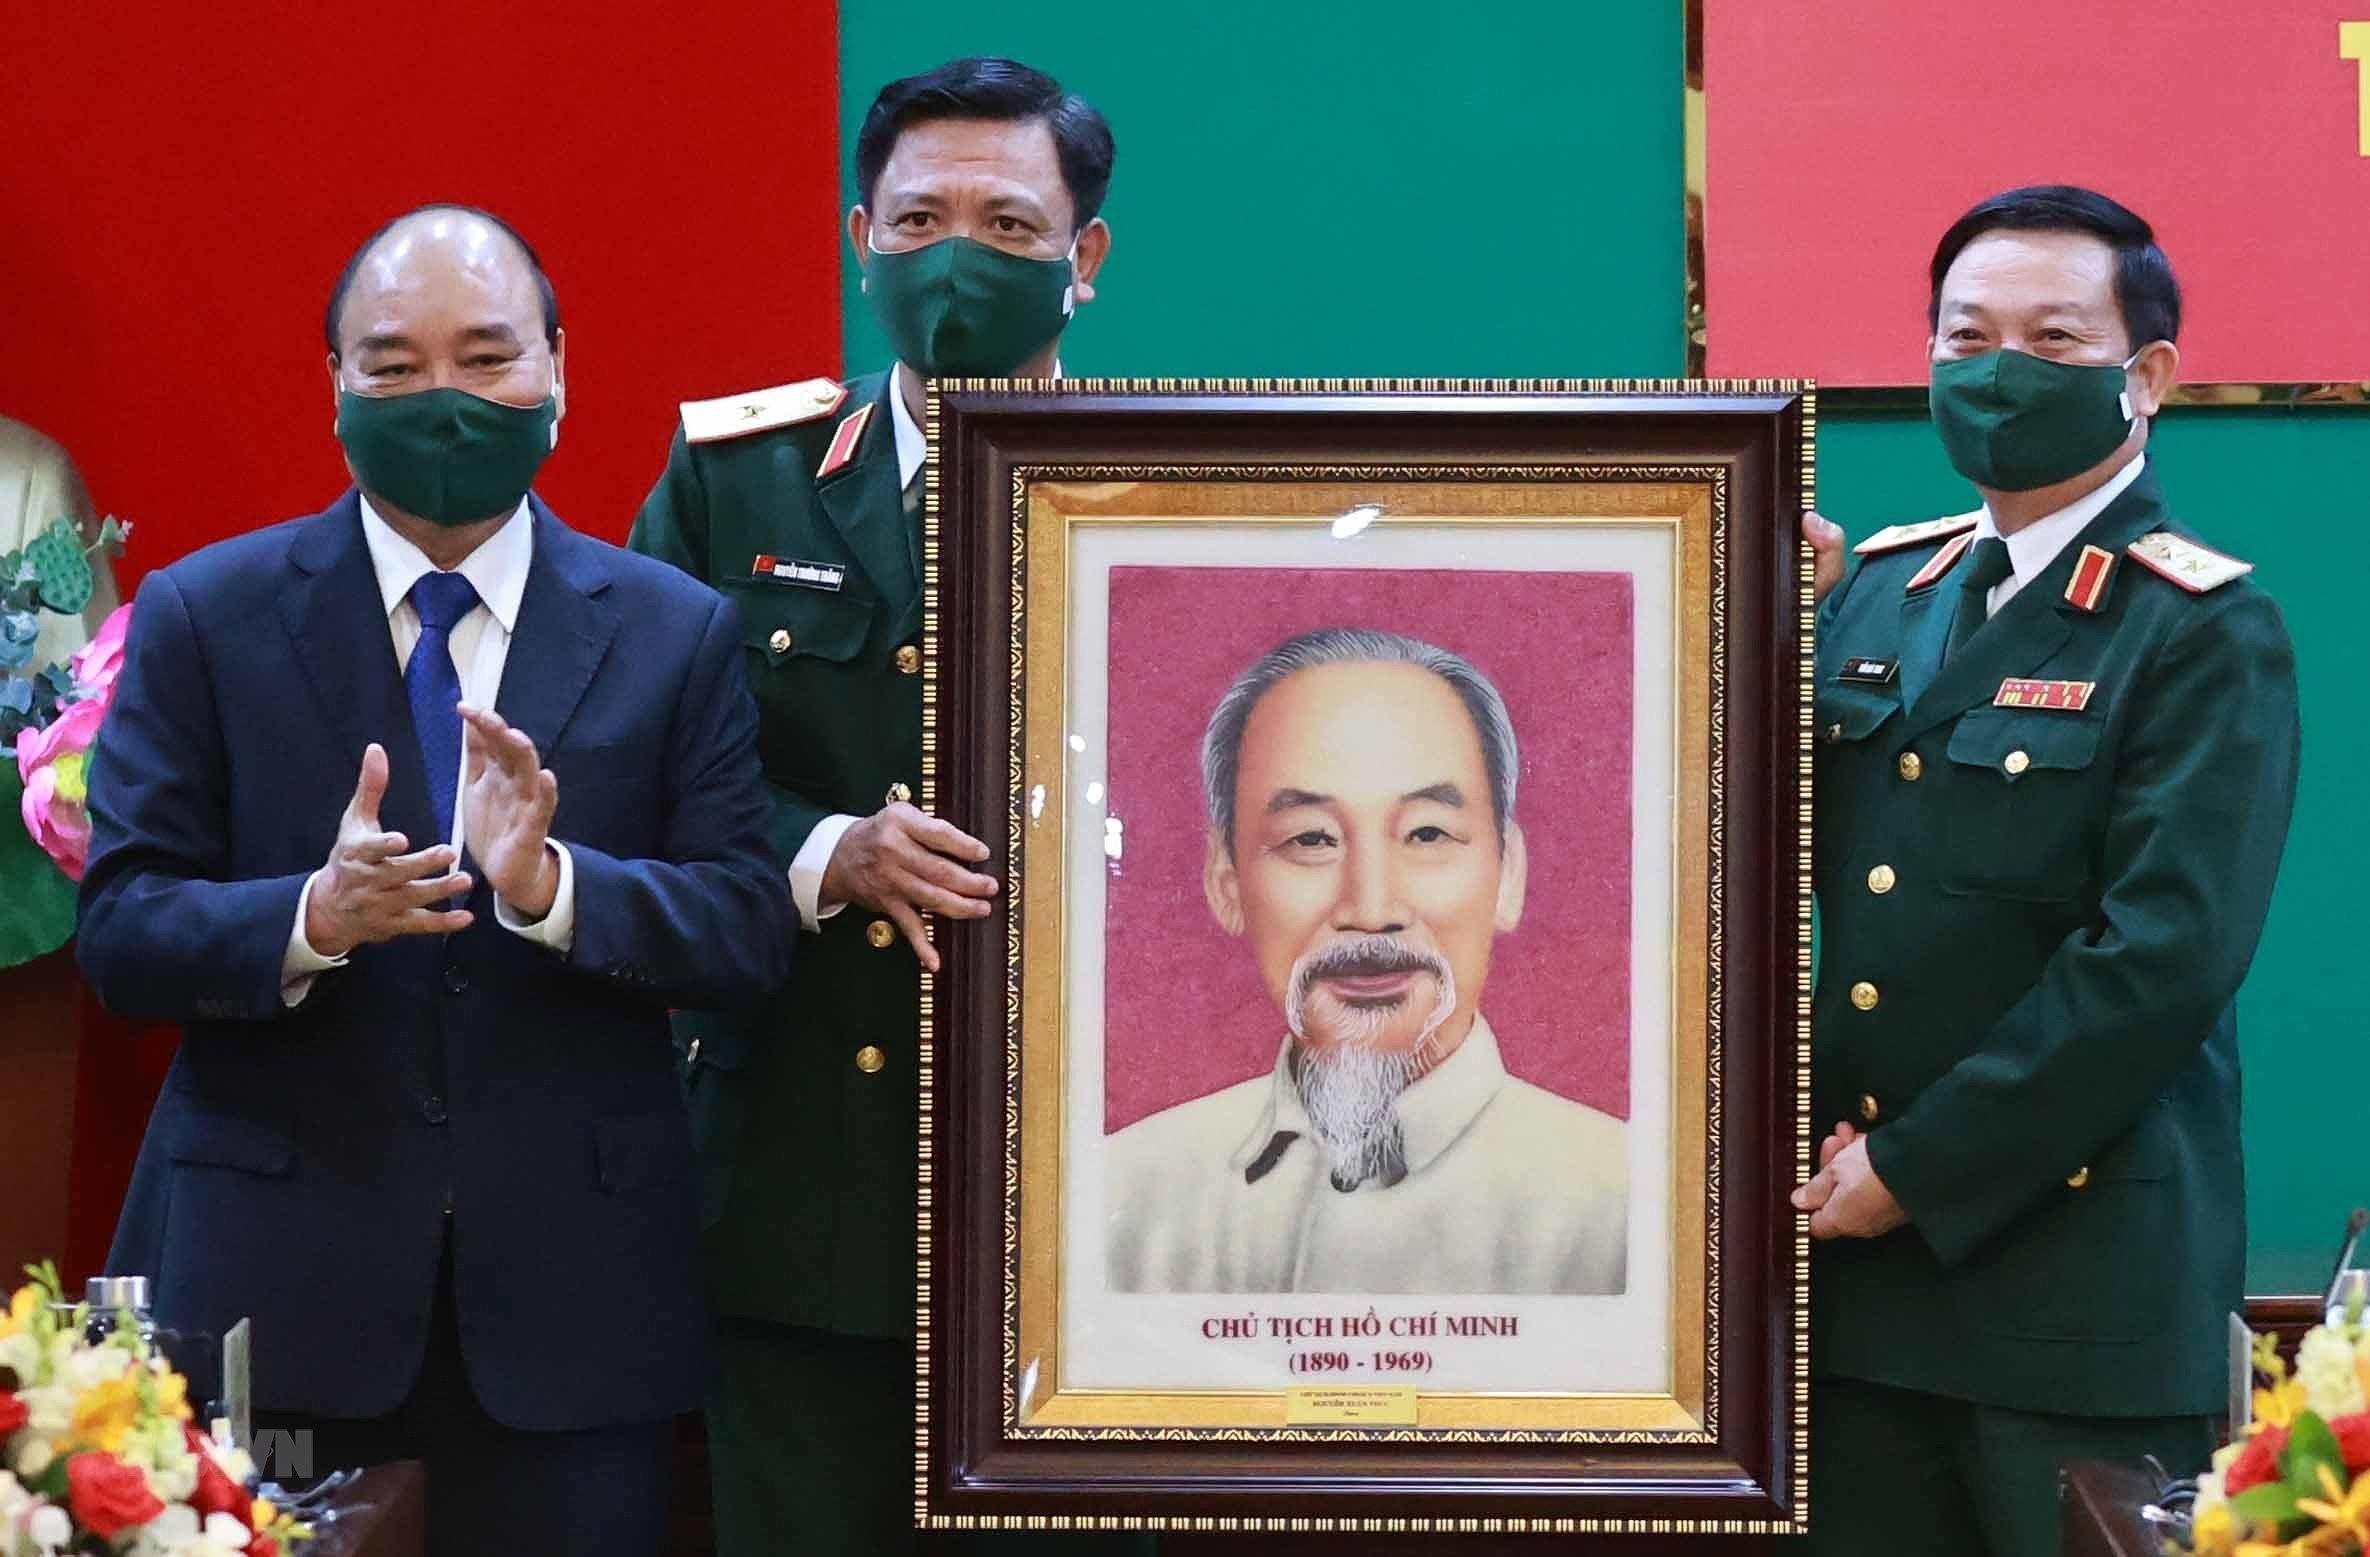 Hinh anh Chu tich nuoc Nguyen Xuan Phuc tham, lam viec tai Quan khu 7 hinh anh 5